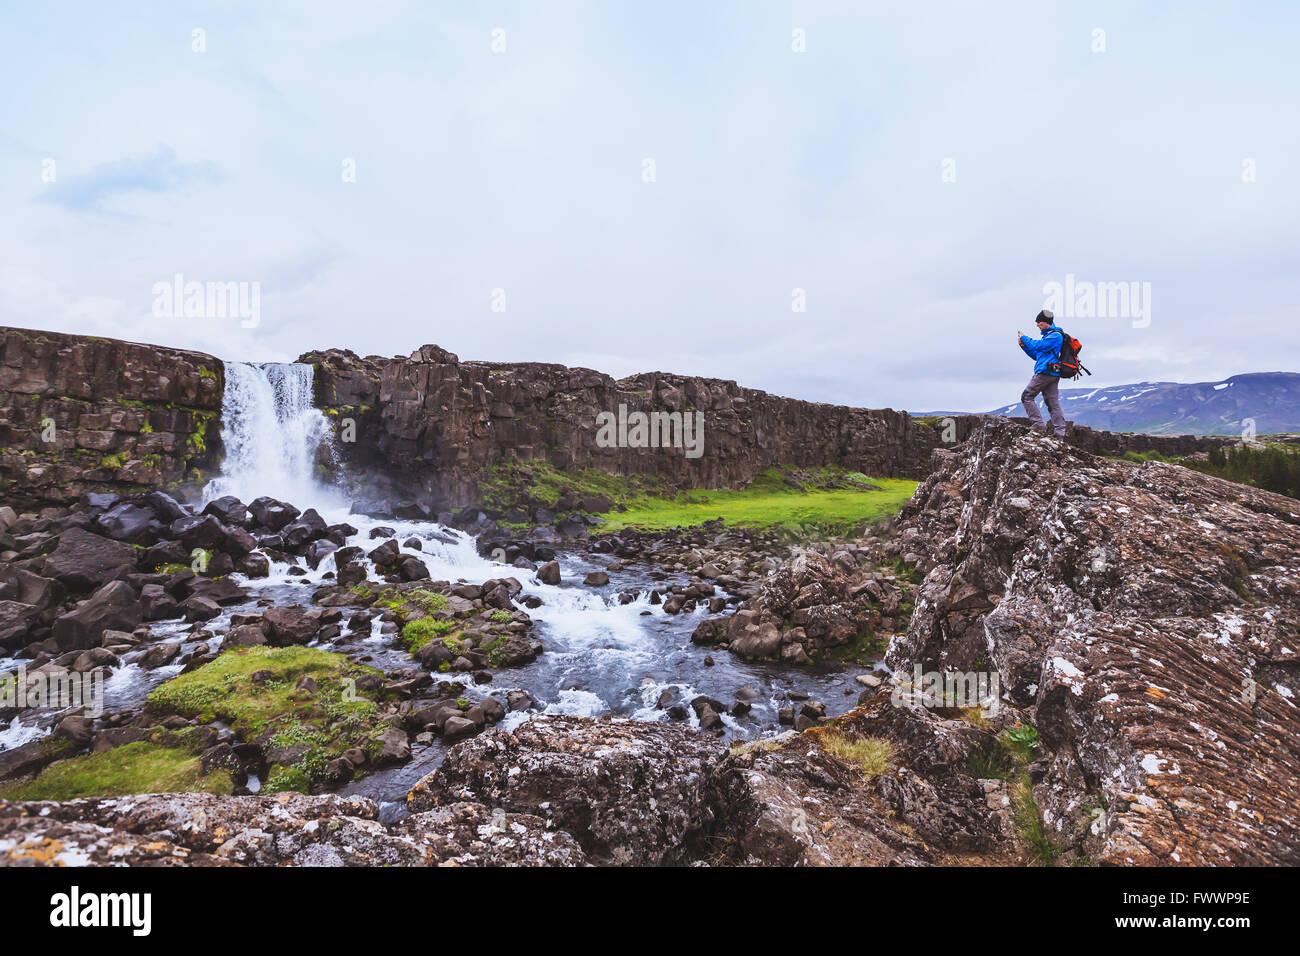 Voyageur backpacker taking photo de cascade avec un téléphone mobile Photo Stock